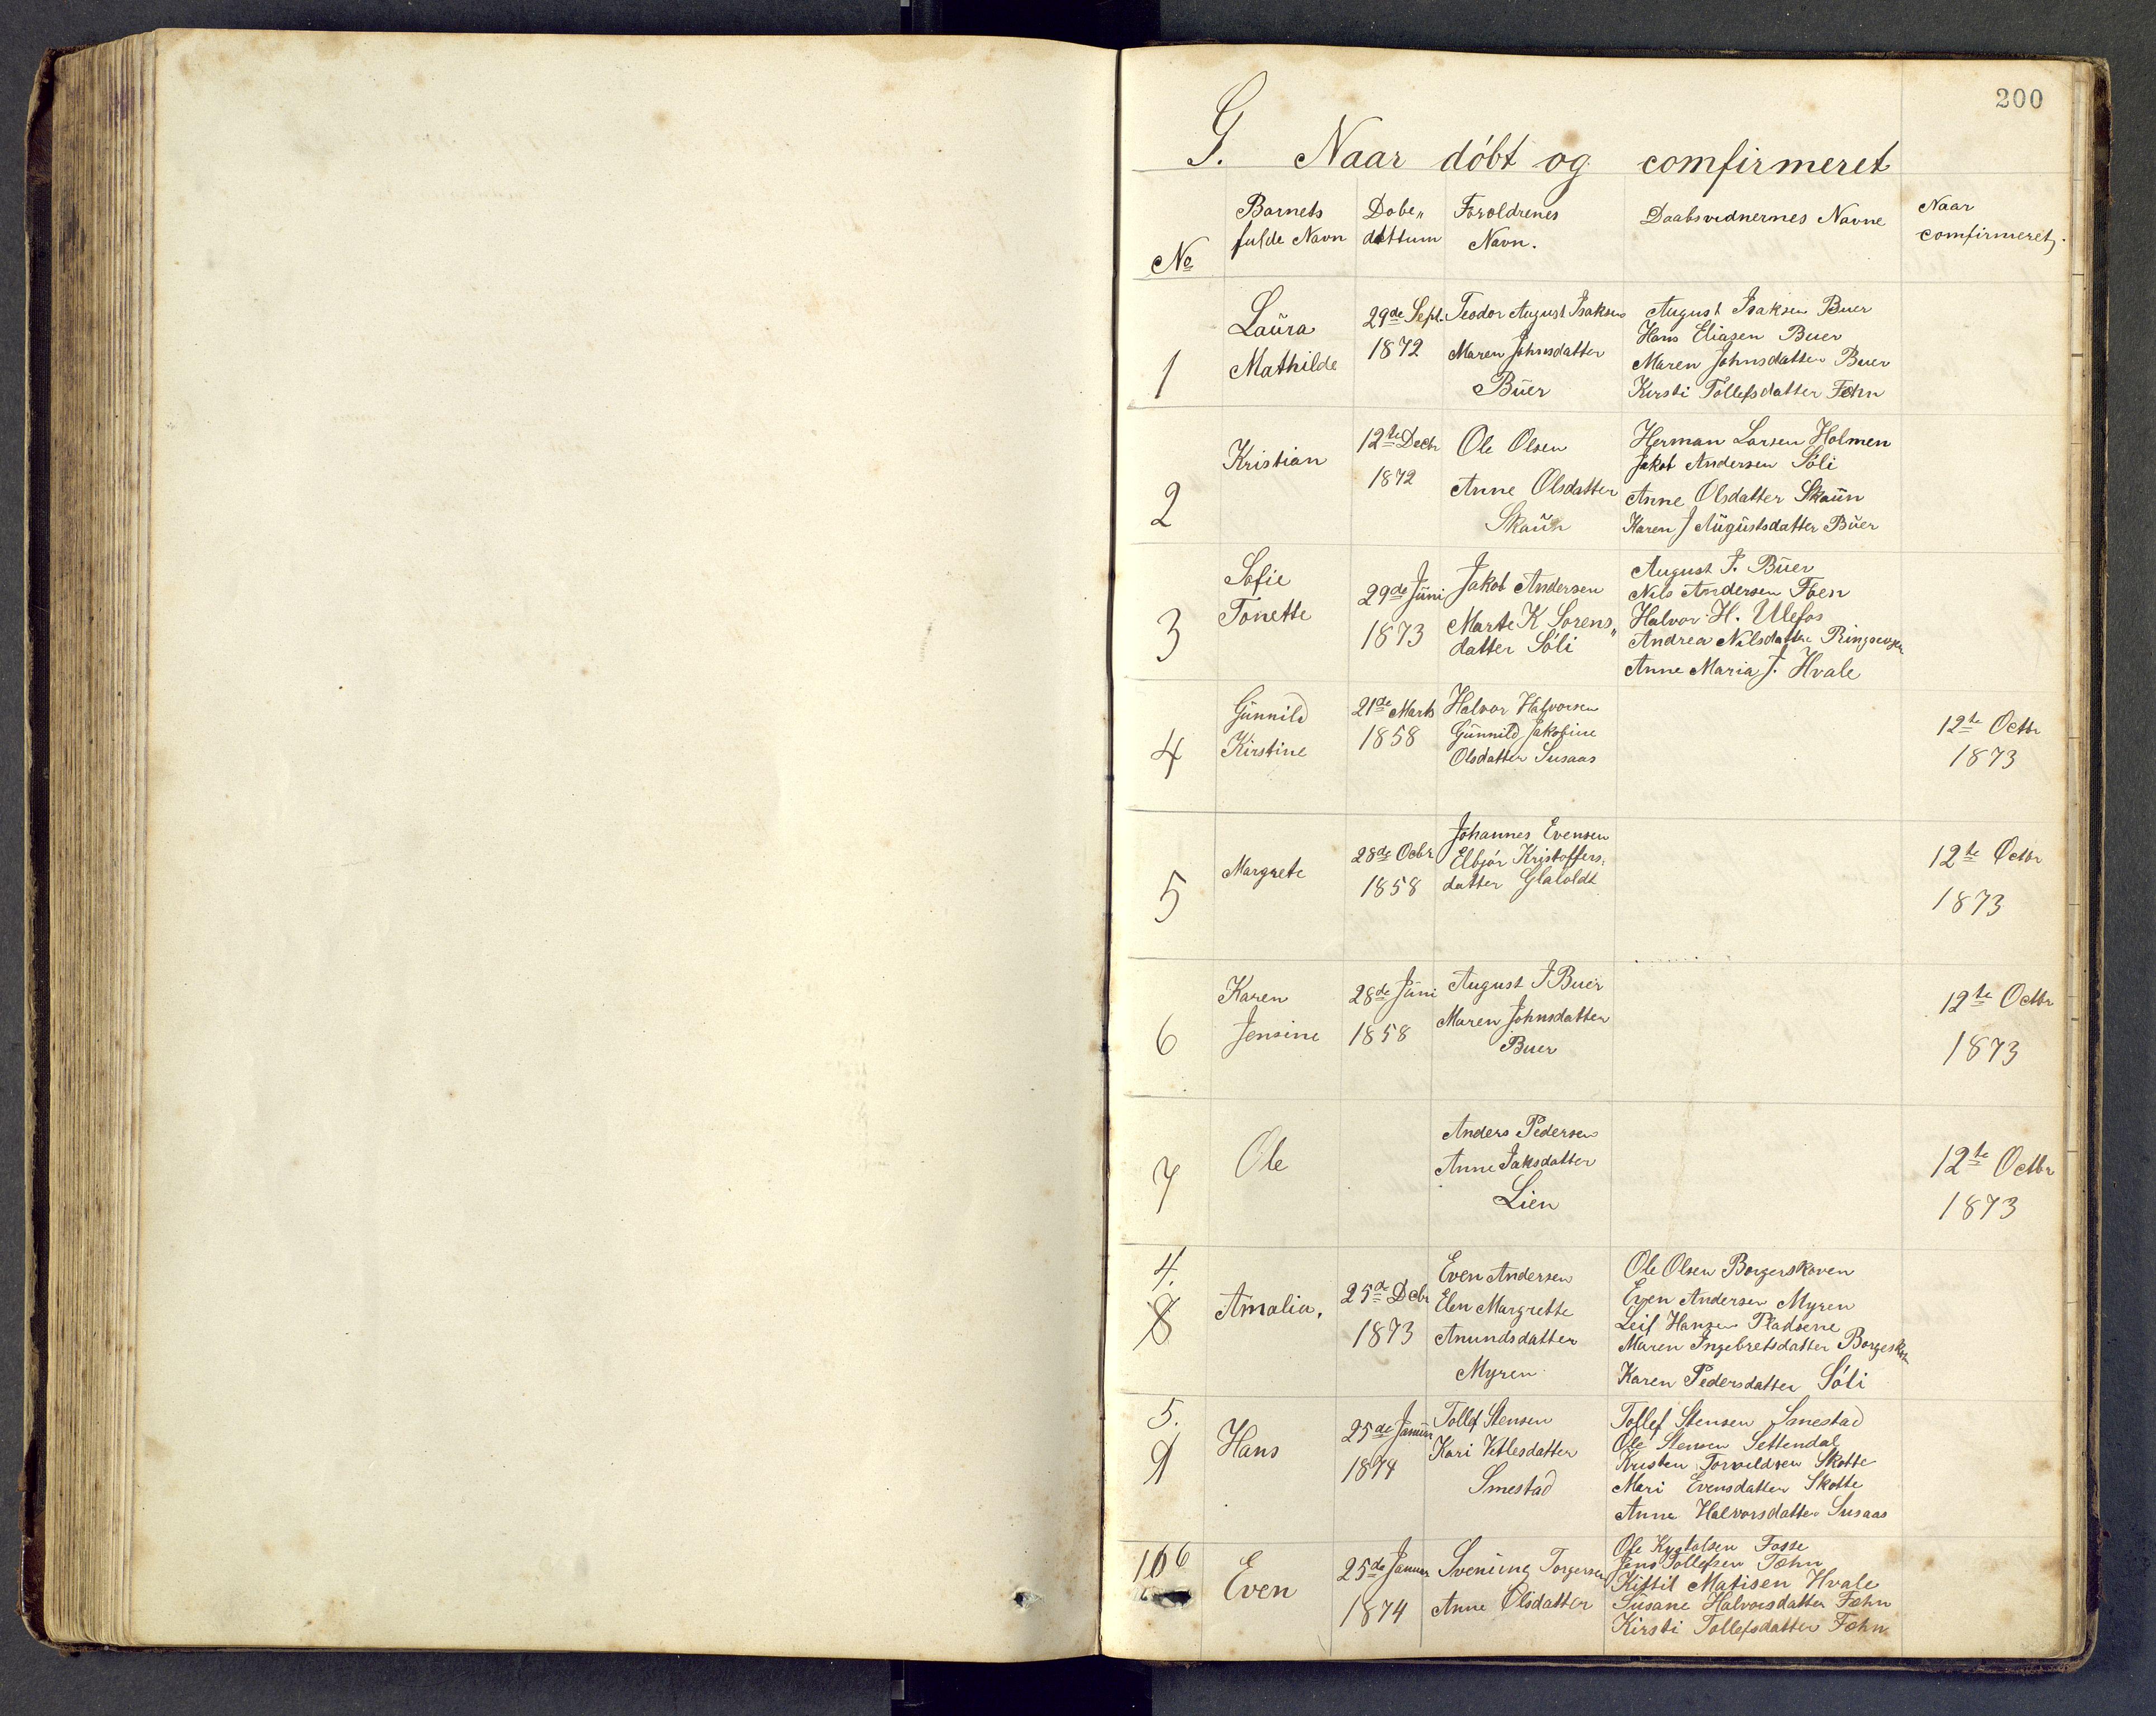 SAKO, Den evangeliske lutherske frimenighet (SAKO), Dissenterprotokoll nr. Fa/L0001, 1872-1906, s. 200